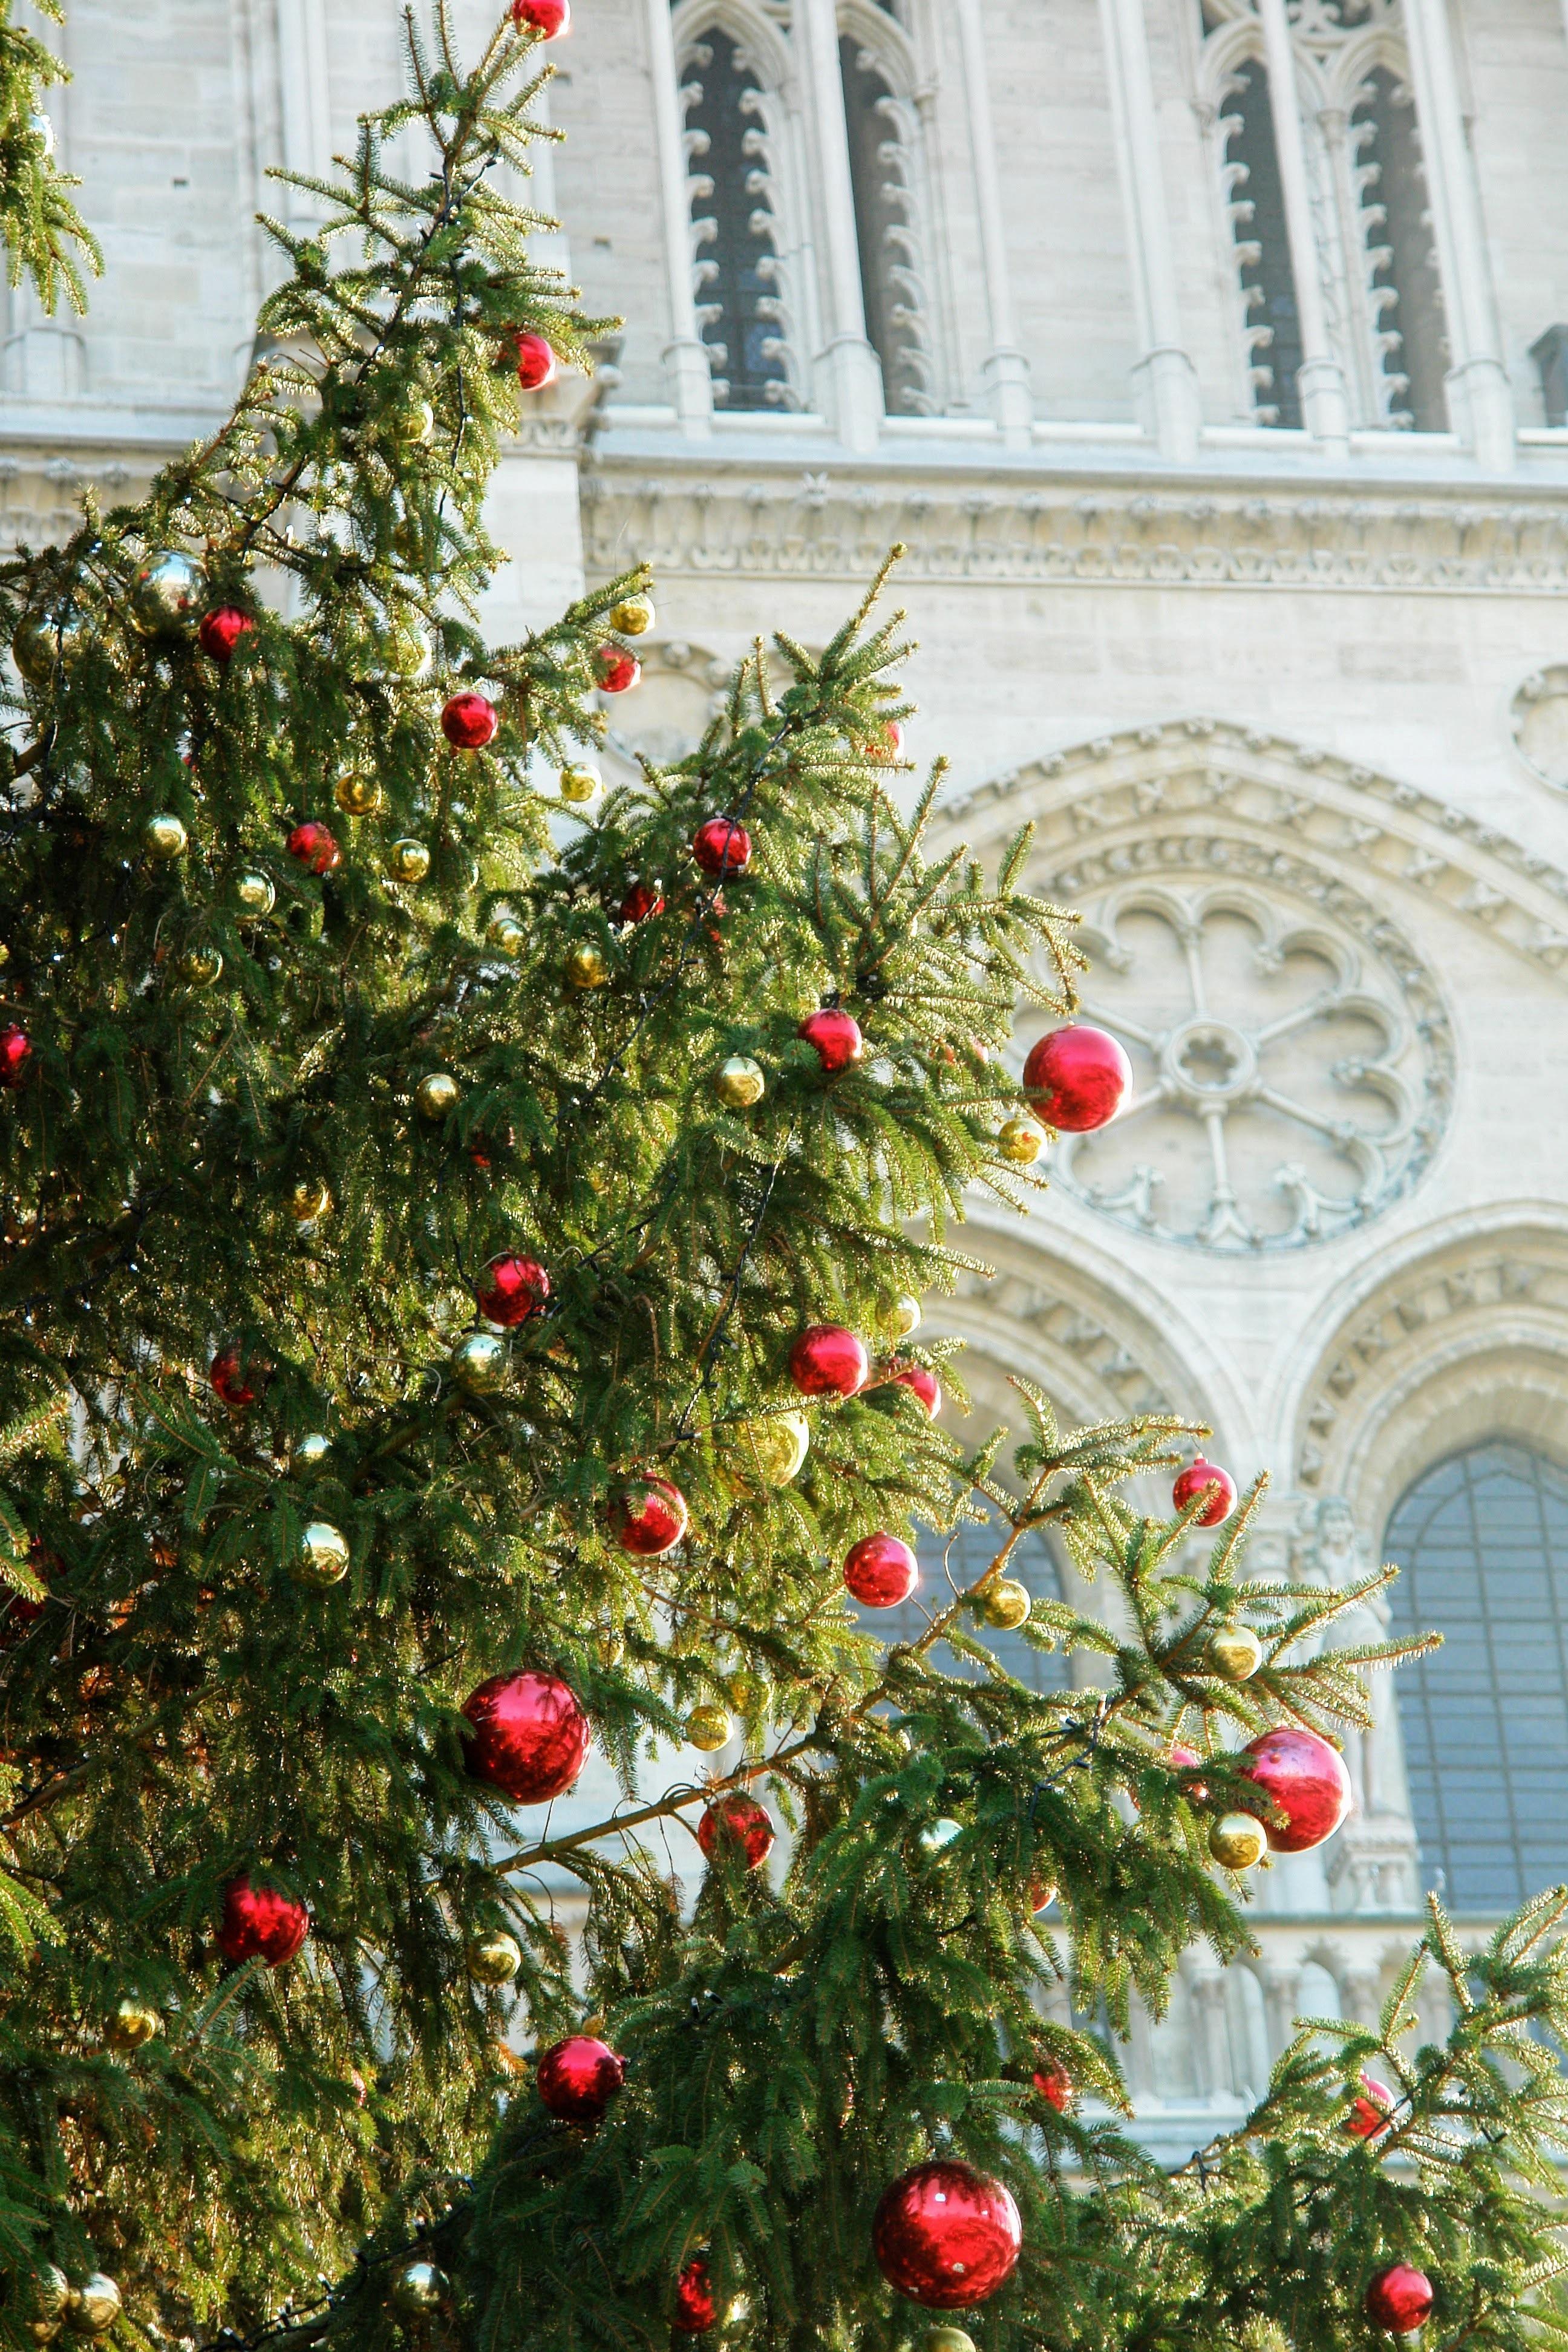 Bildet Tre Gren Anlegg Blomst Paris Frankrike Kirke Juletre Jul Dekorasjon Detalj Woody Plante Vest Rose 2592x3888 1207619 Bilder Gratis Pxhere